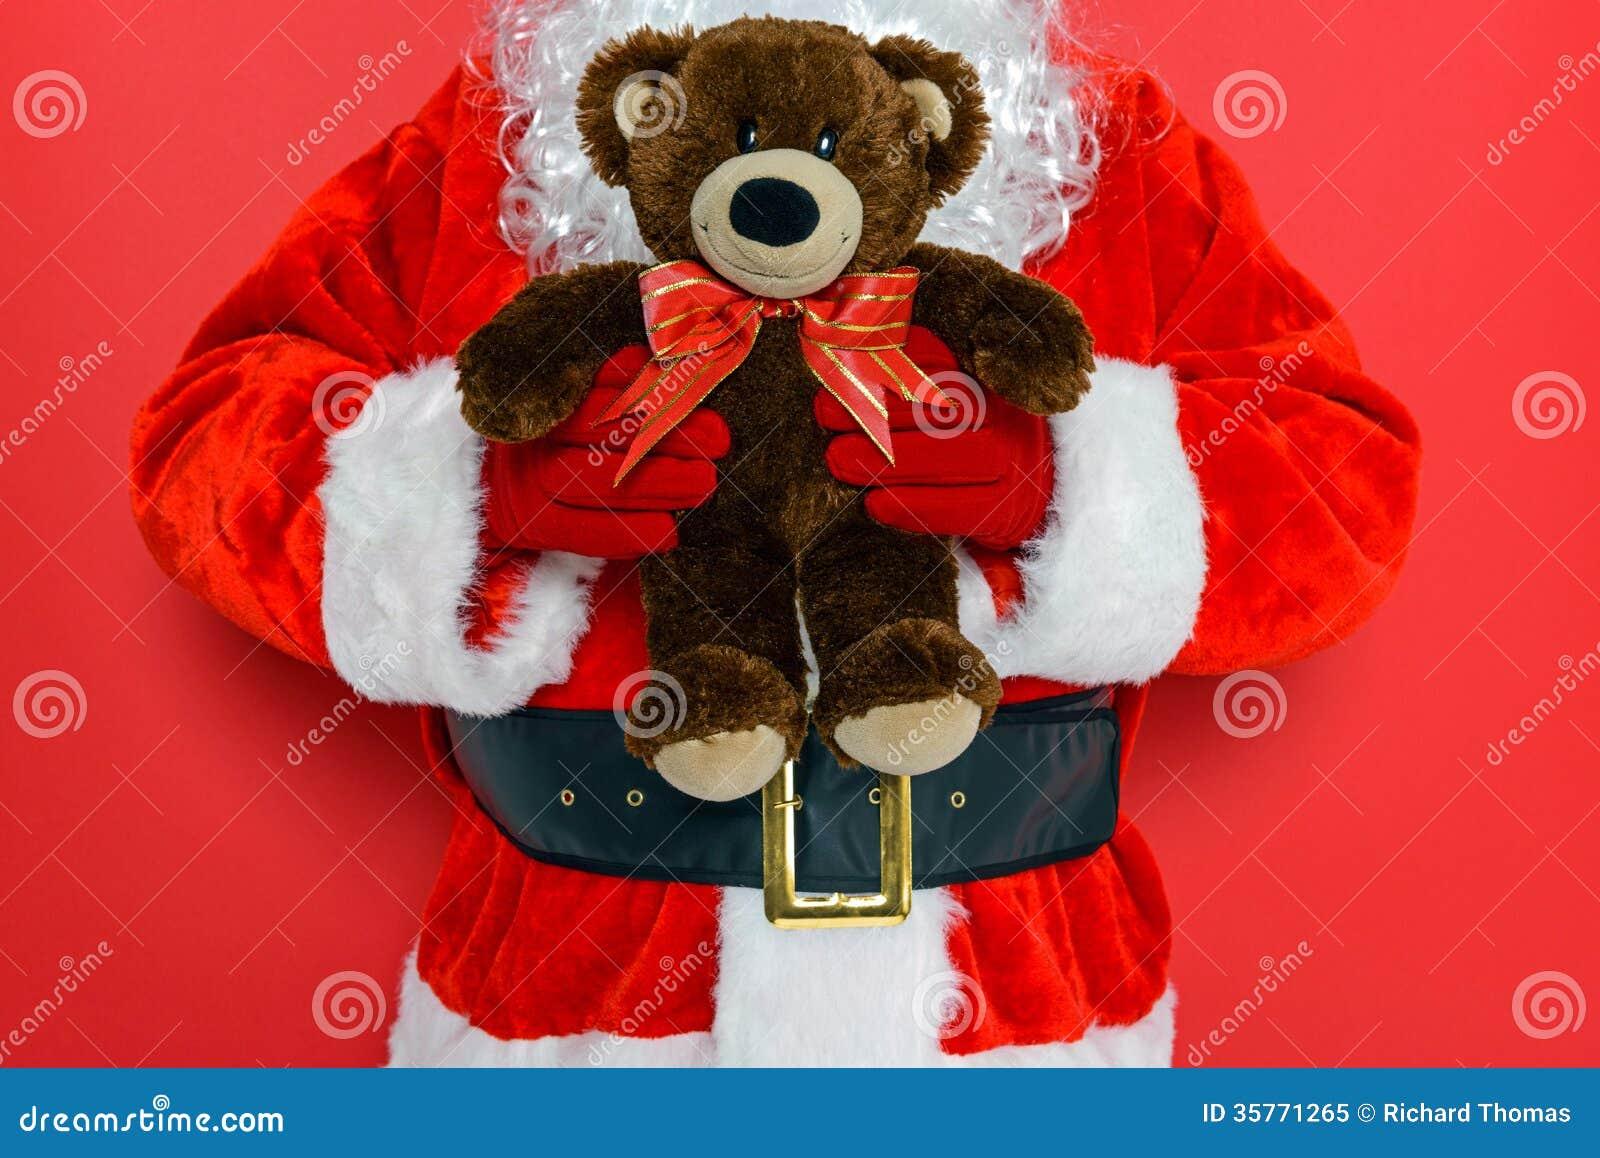 Santa holding a teddy bear royalty free stock photo